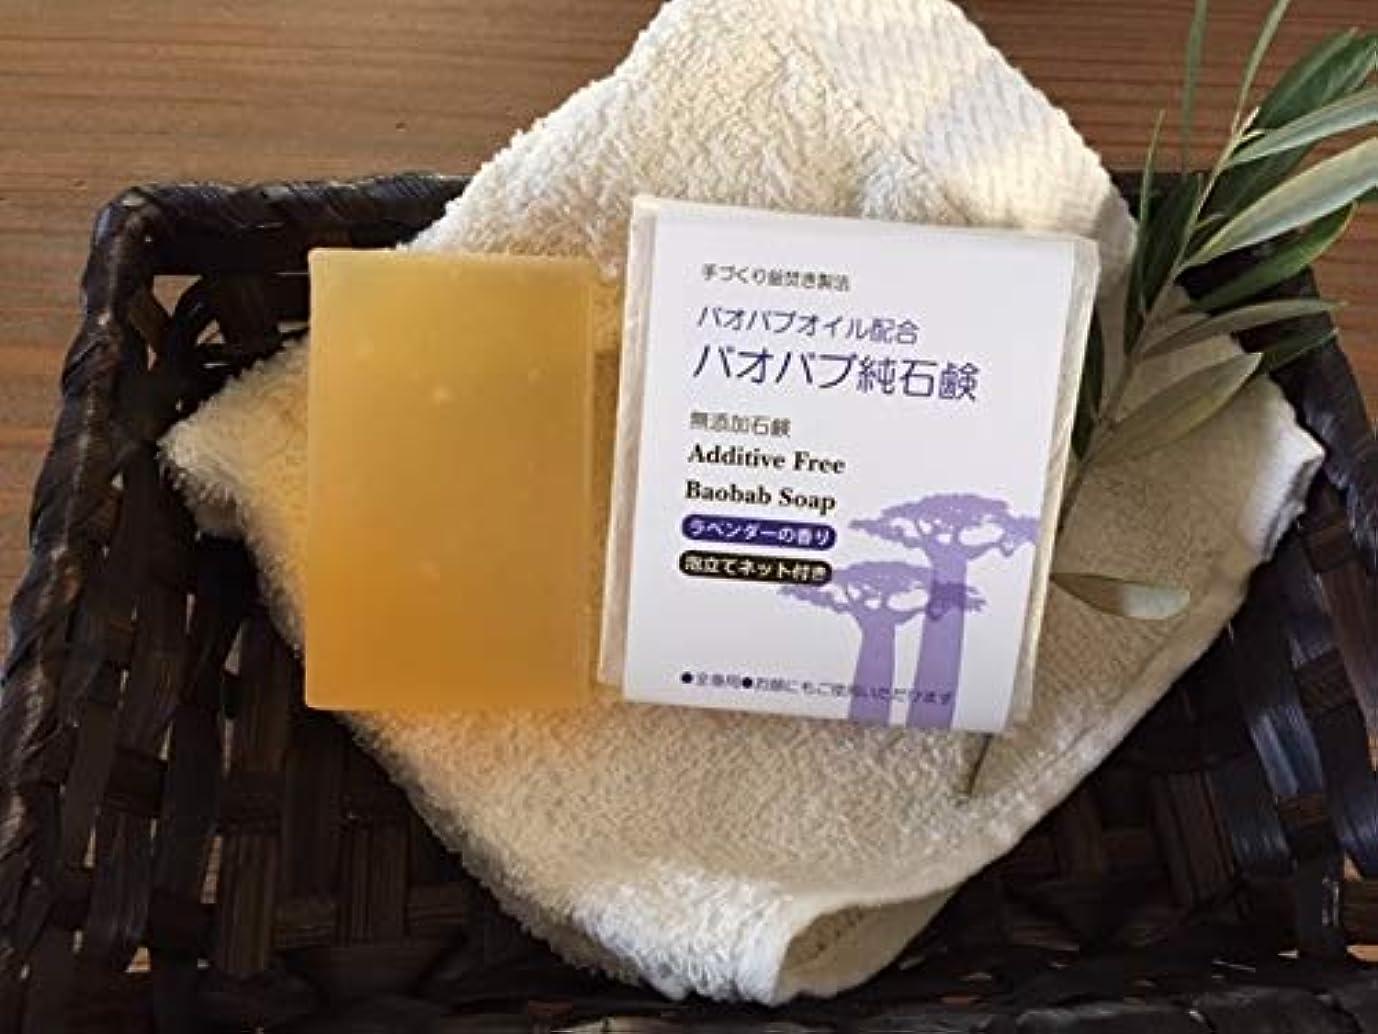 発行する無力球状手づくり釜焚き石鹸 バオバブ純石鹸 ラベンダーの香り 130g バス用ジャンボサイズ『ゴールド 未精製 バオバブオイル配合』 有機栽培のバオバブオイルをたっぷり配合しました